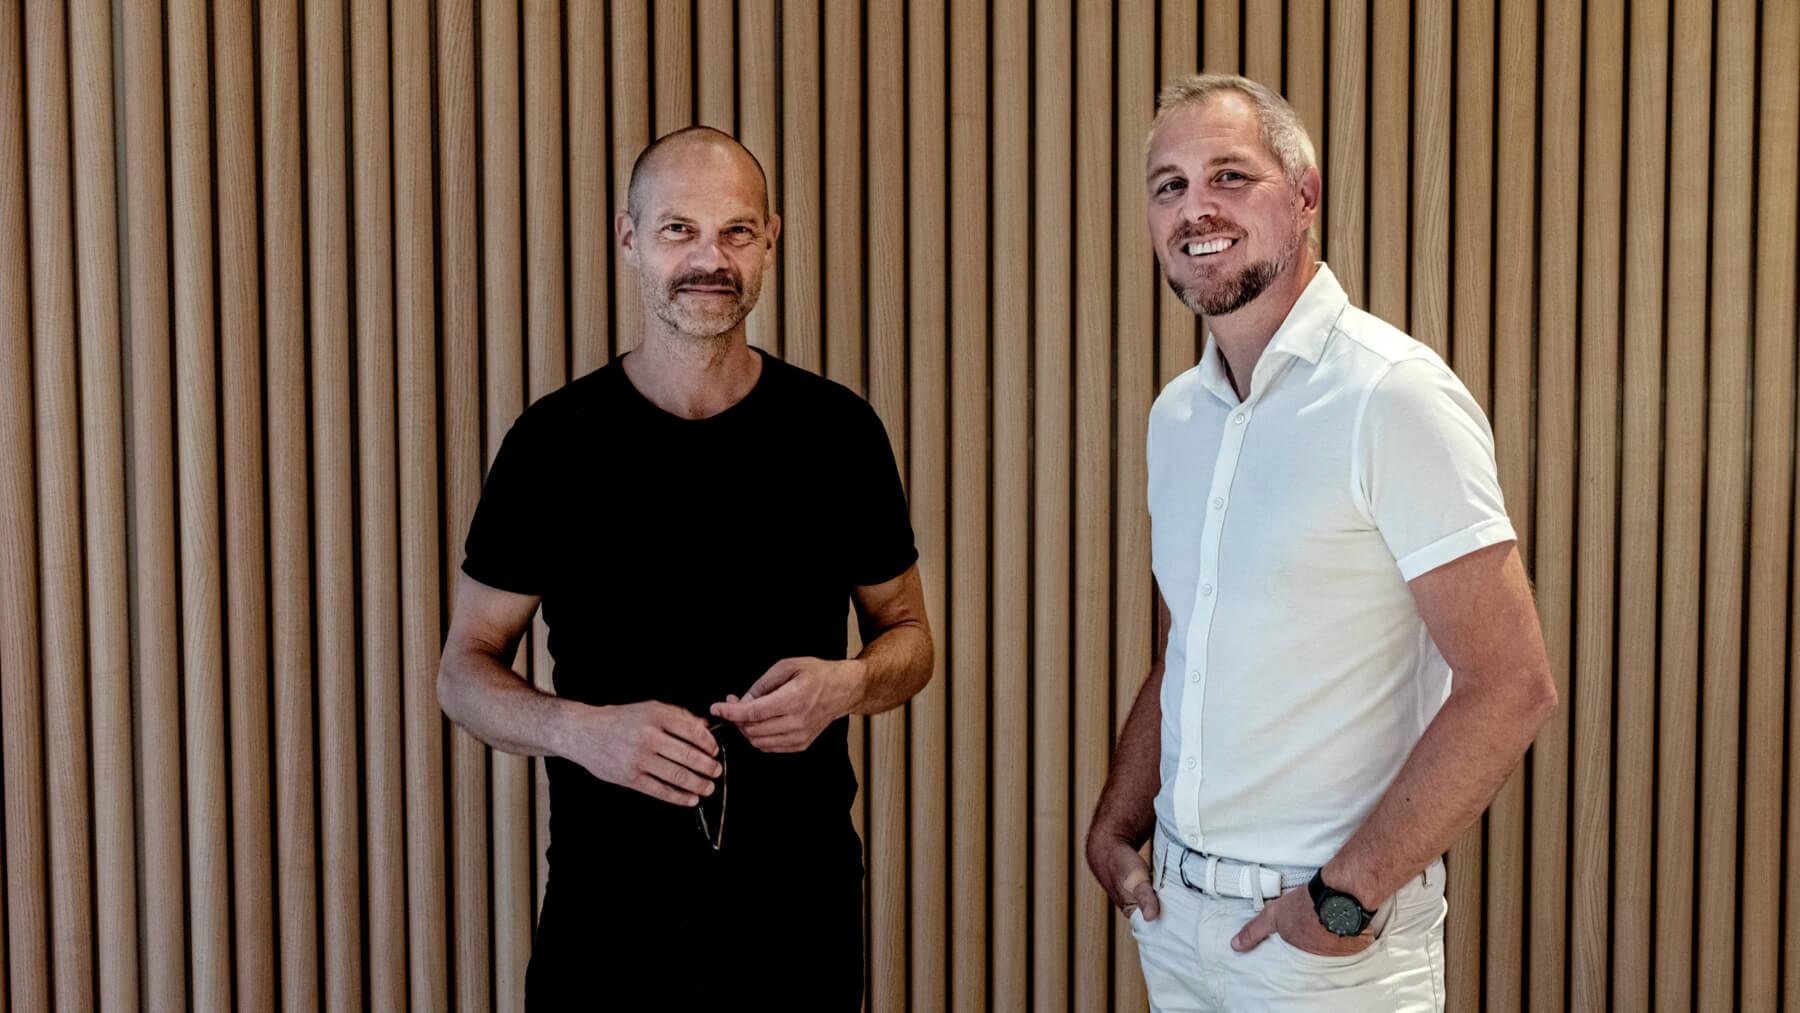 Filip-Sauer-CEO-Above-Mattias-Olofsson-CEO-ARC-2-scaled-acentertop.jpg